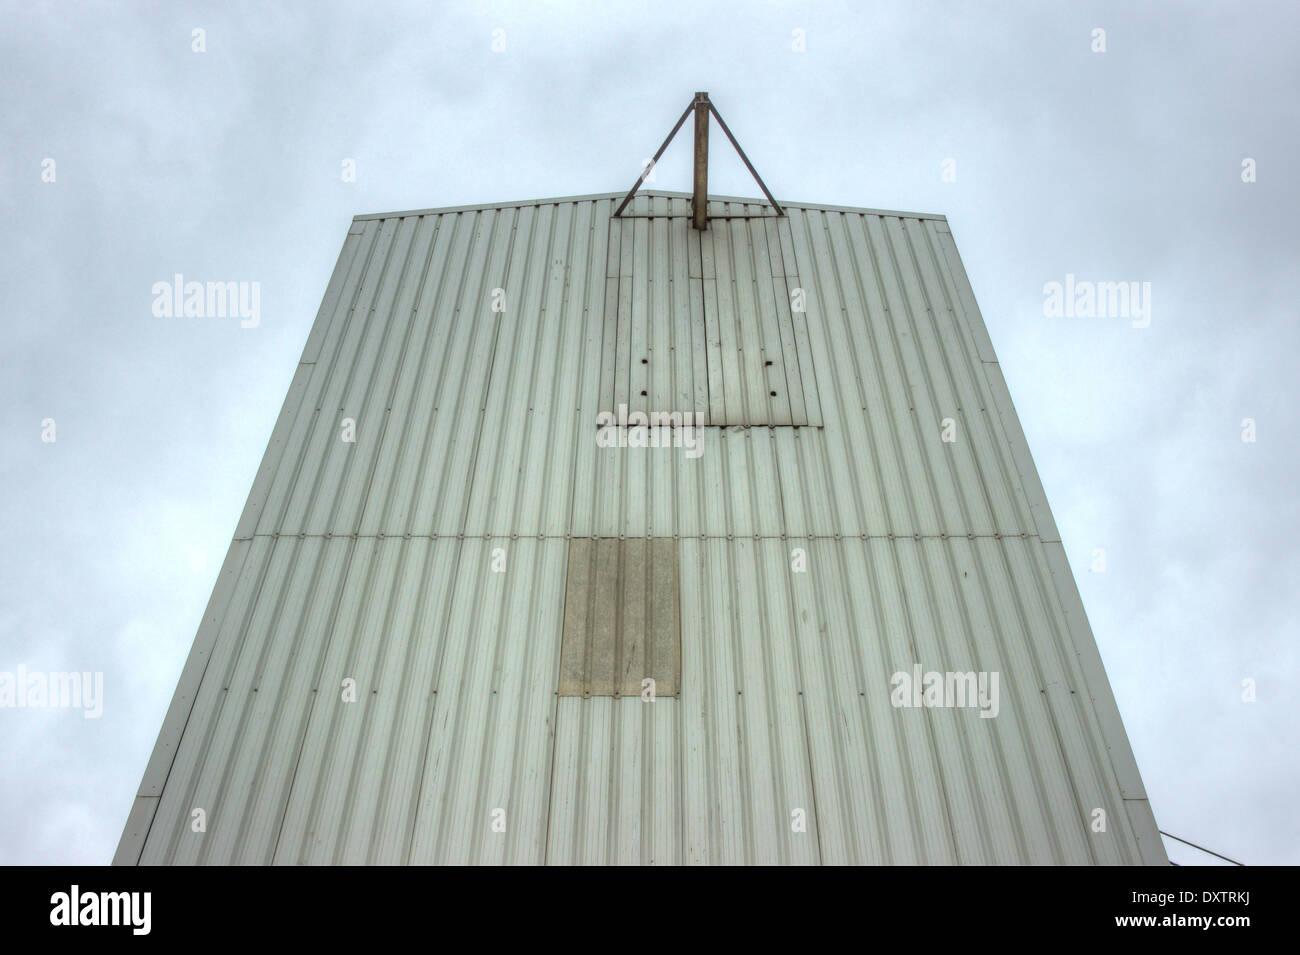 Acciaio industriale edificio. acciaio magazzino strutturato Immagini Stock